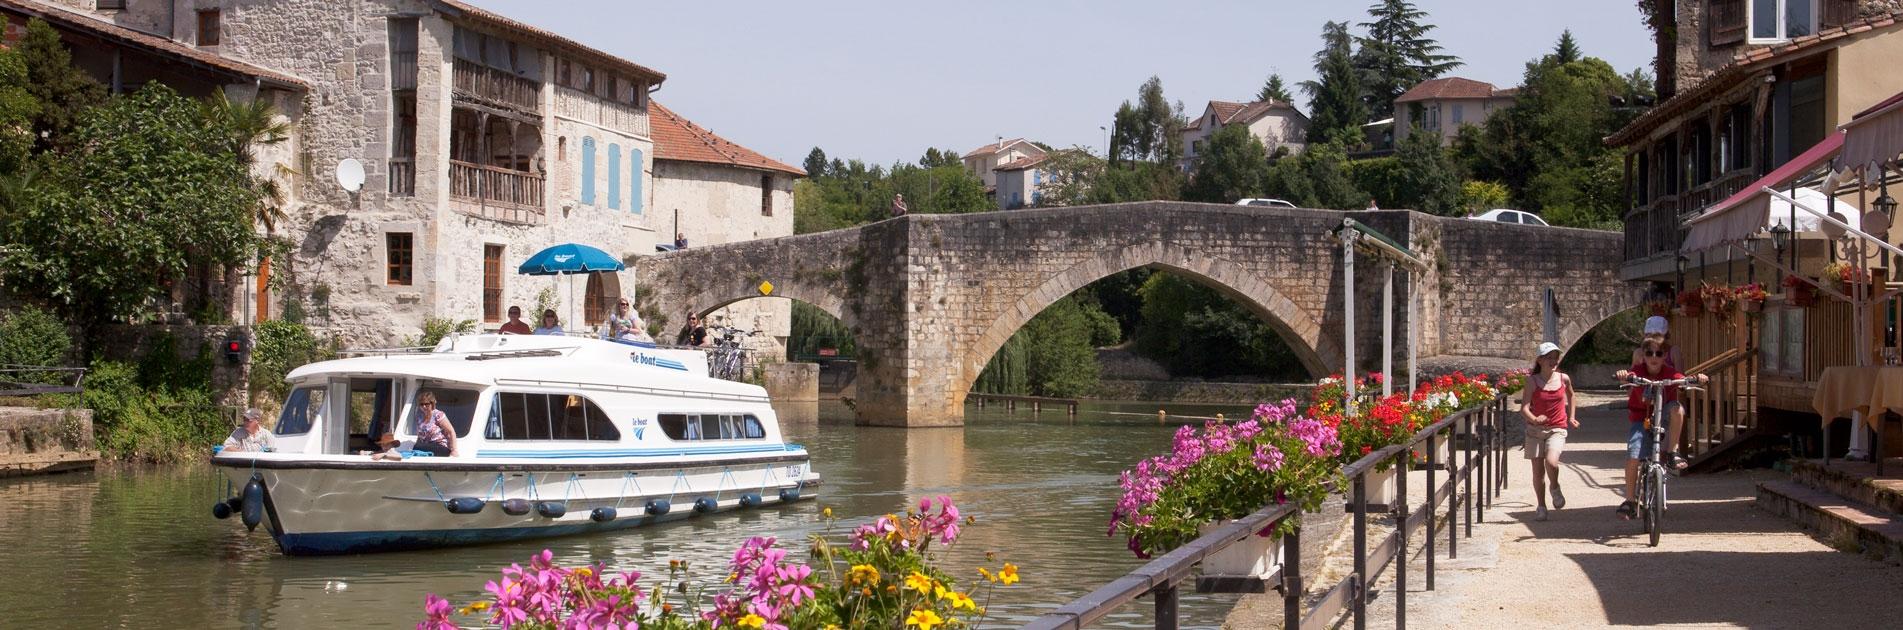 Sejlads på vandvejene i Aquitaine